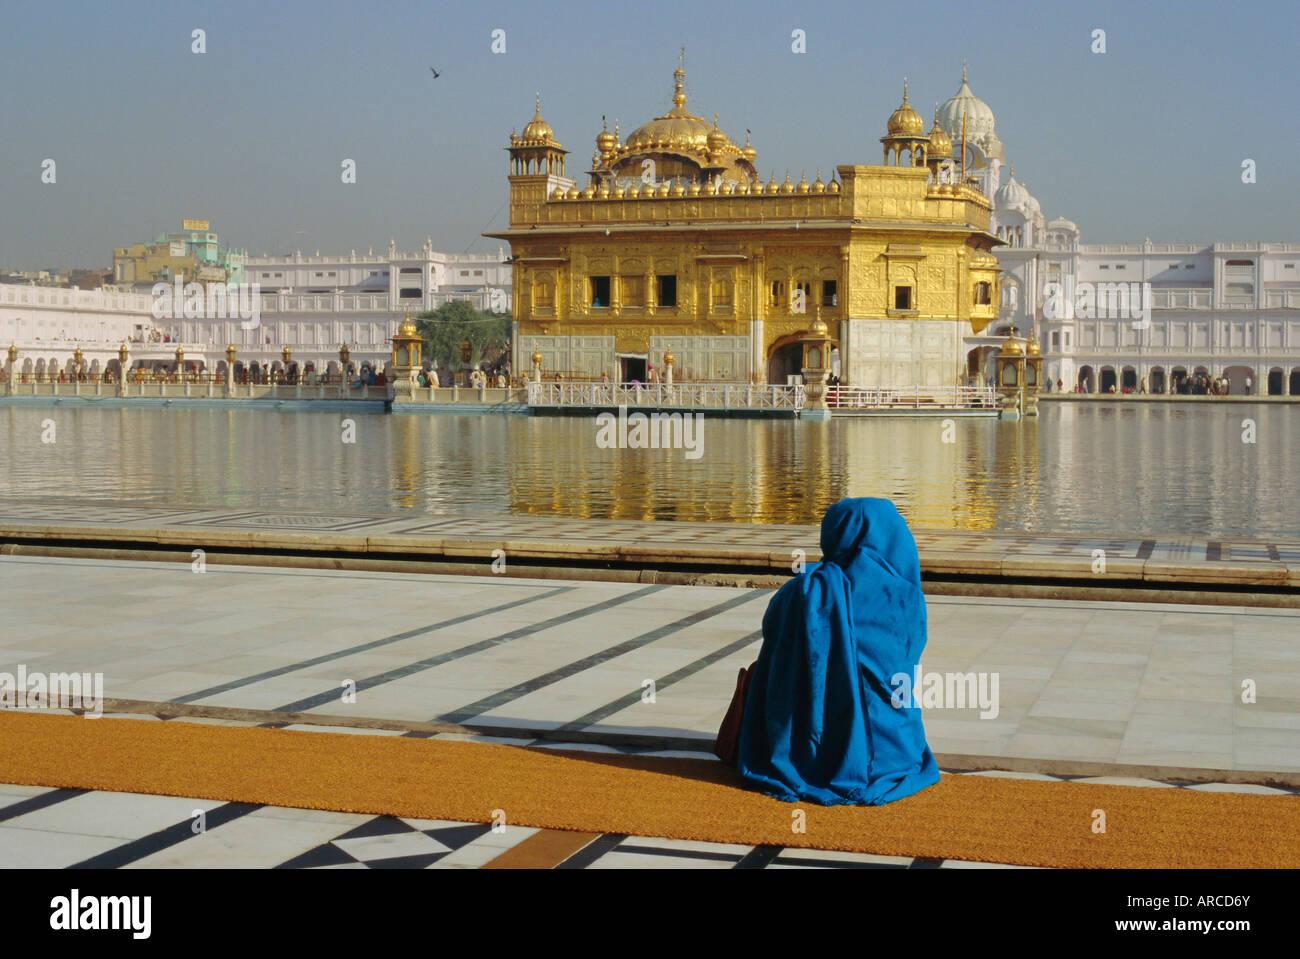 Un pellegrino in blu si siede dal Santo Pool di Nectar presso il Tempio d'oro, il centro della religione Sikh, Immagini Stock